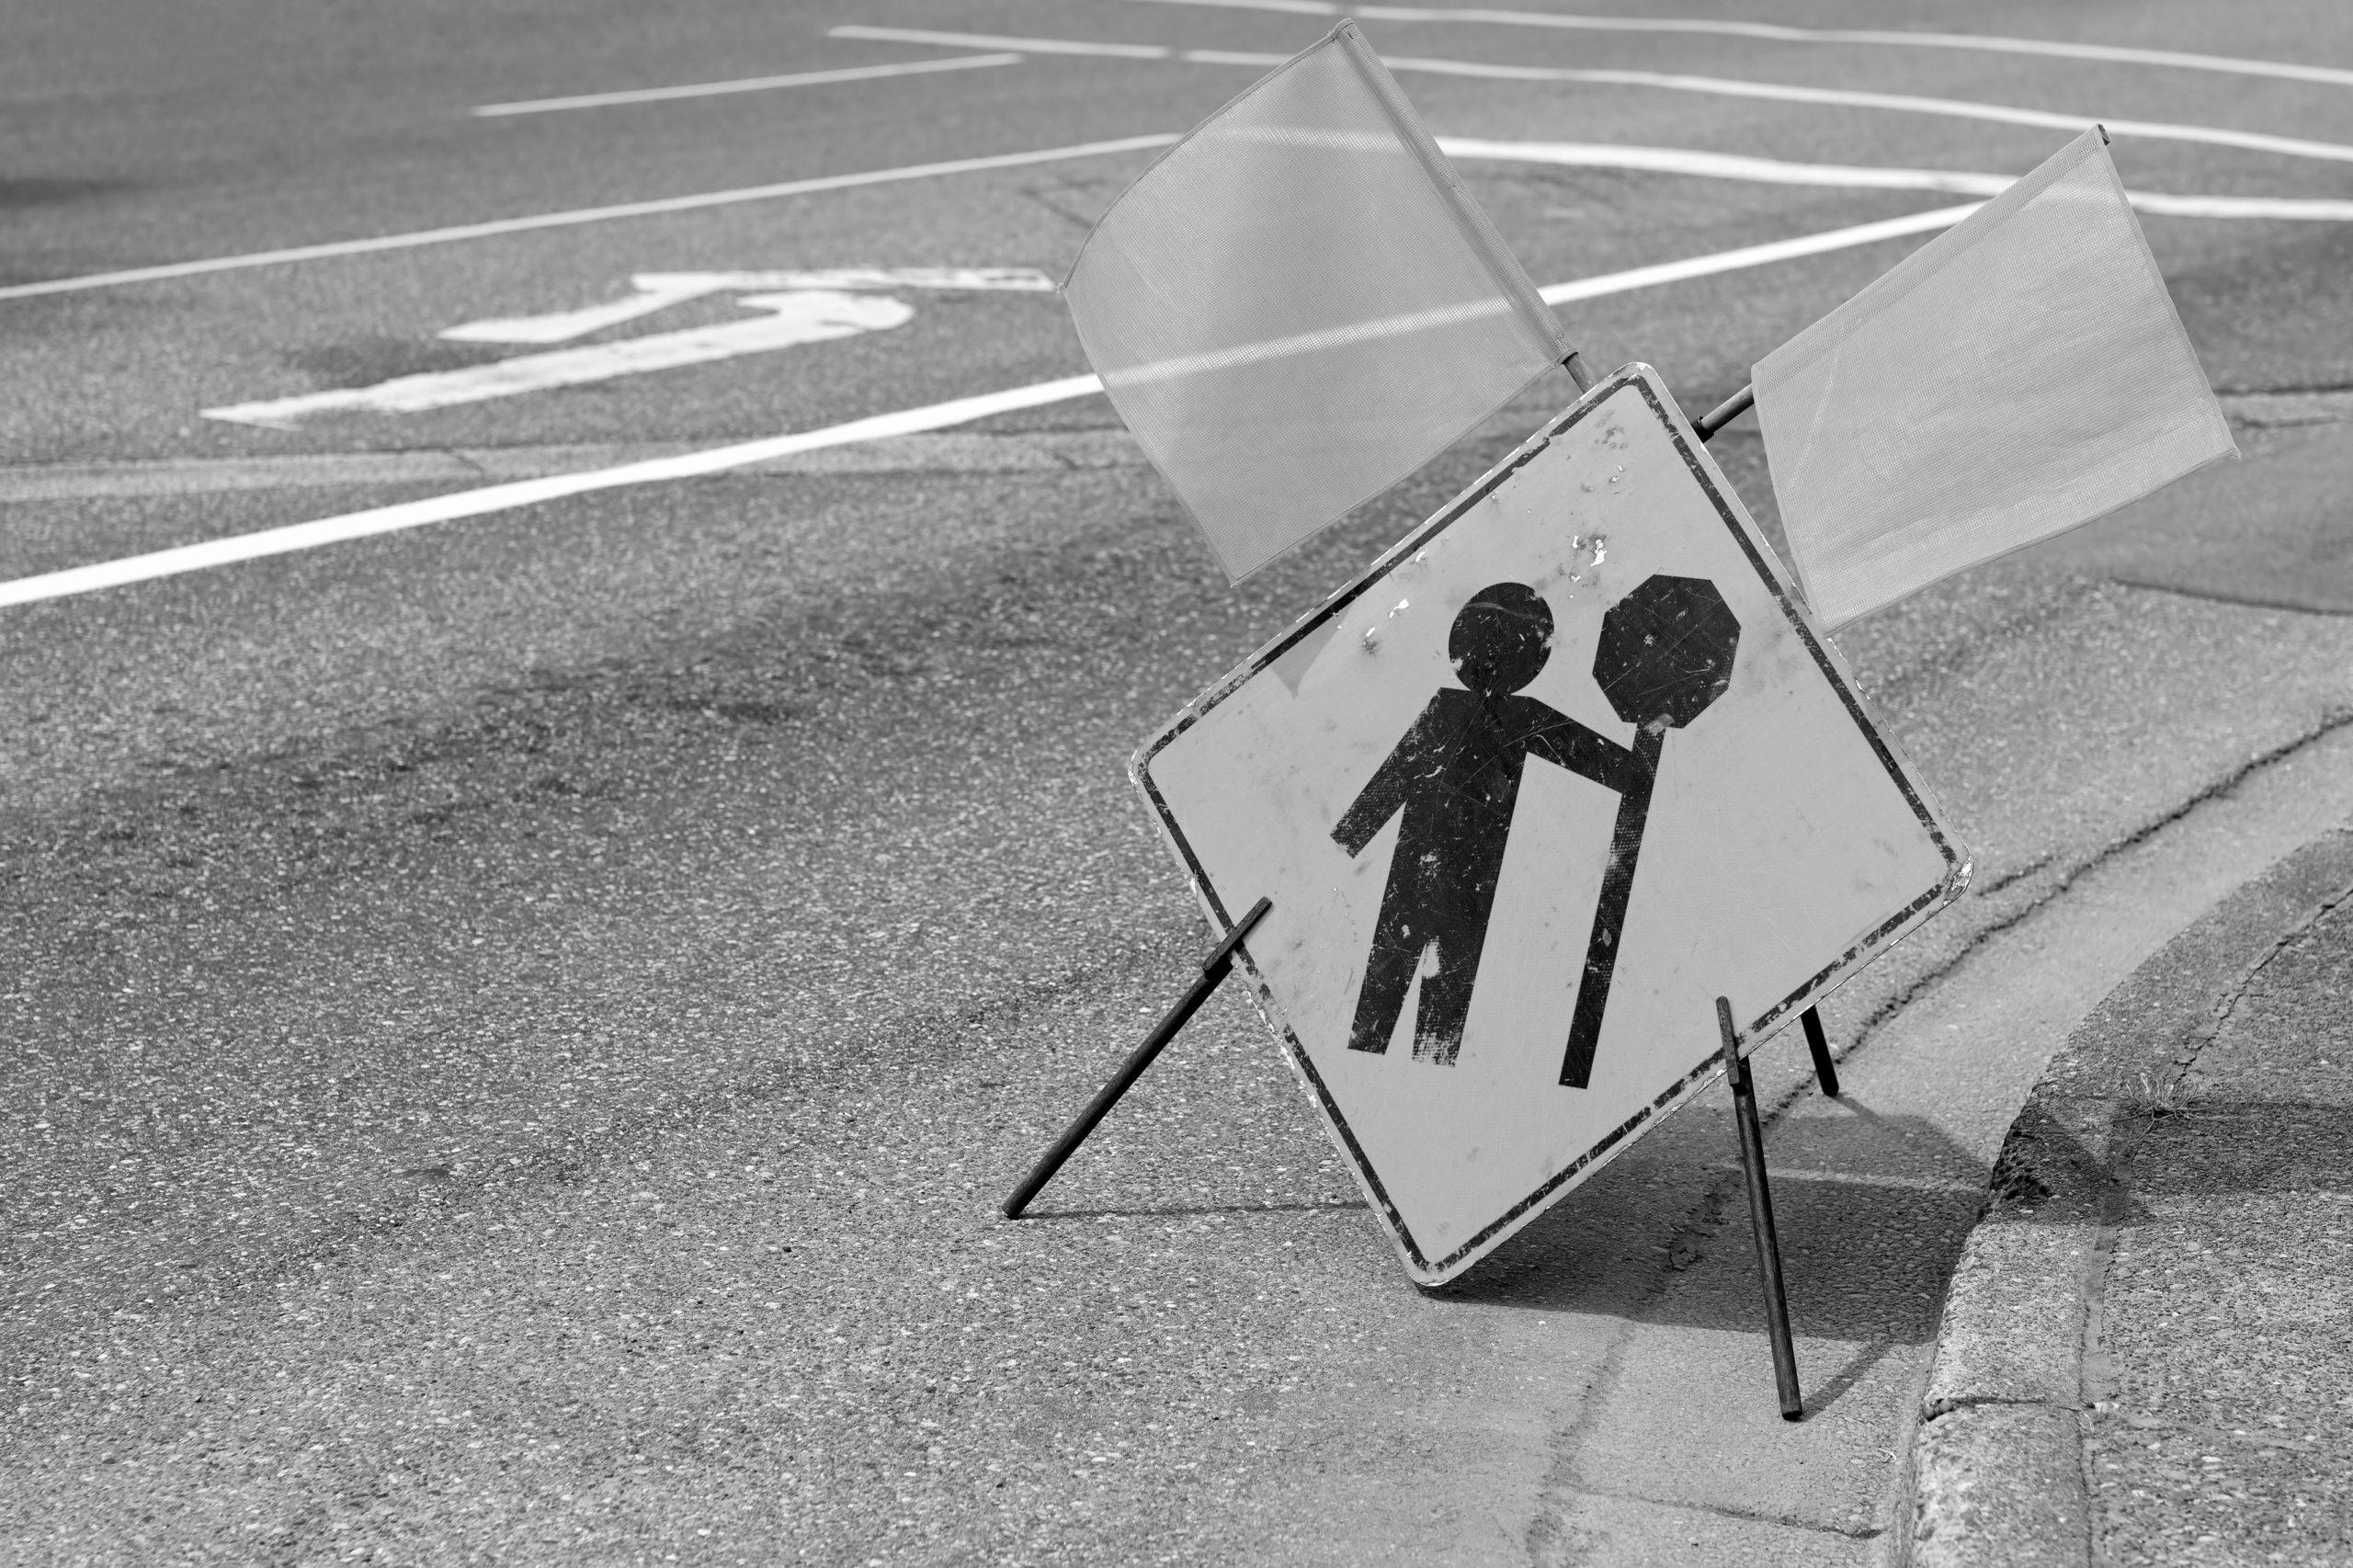 Construction flagger ahead sign on a street